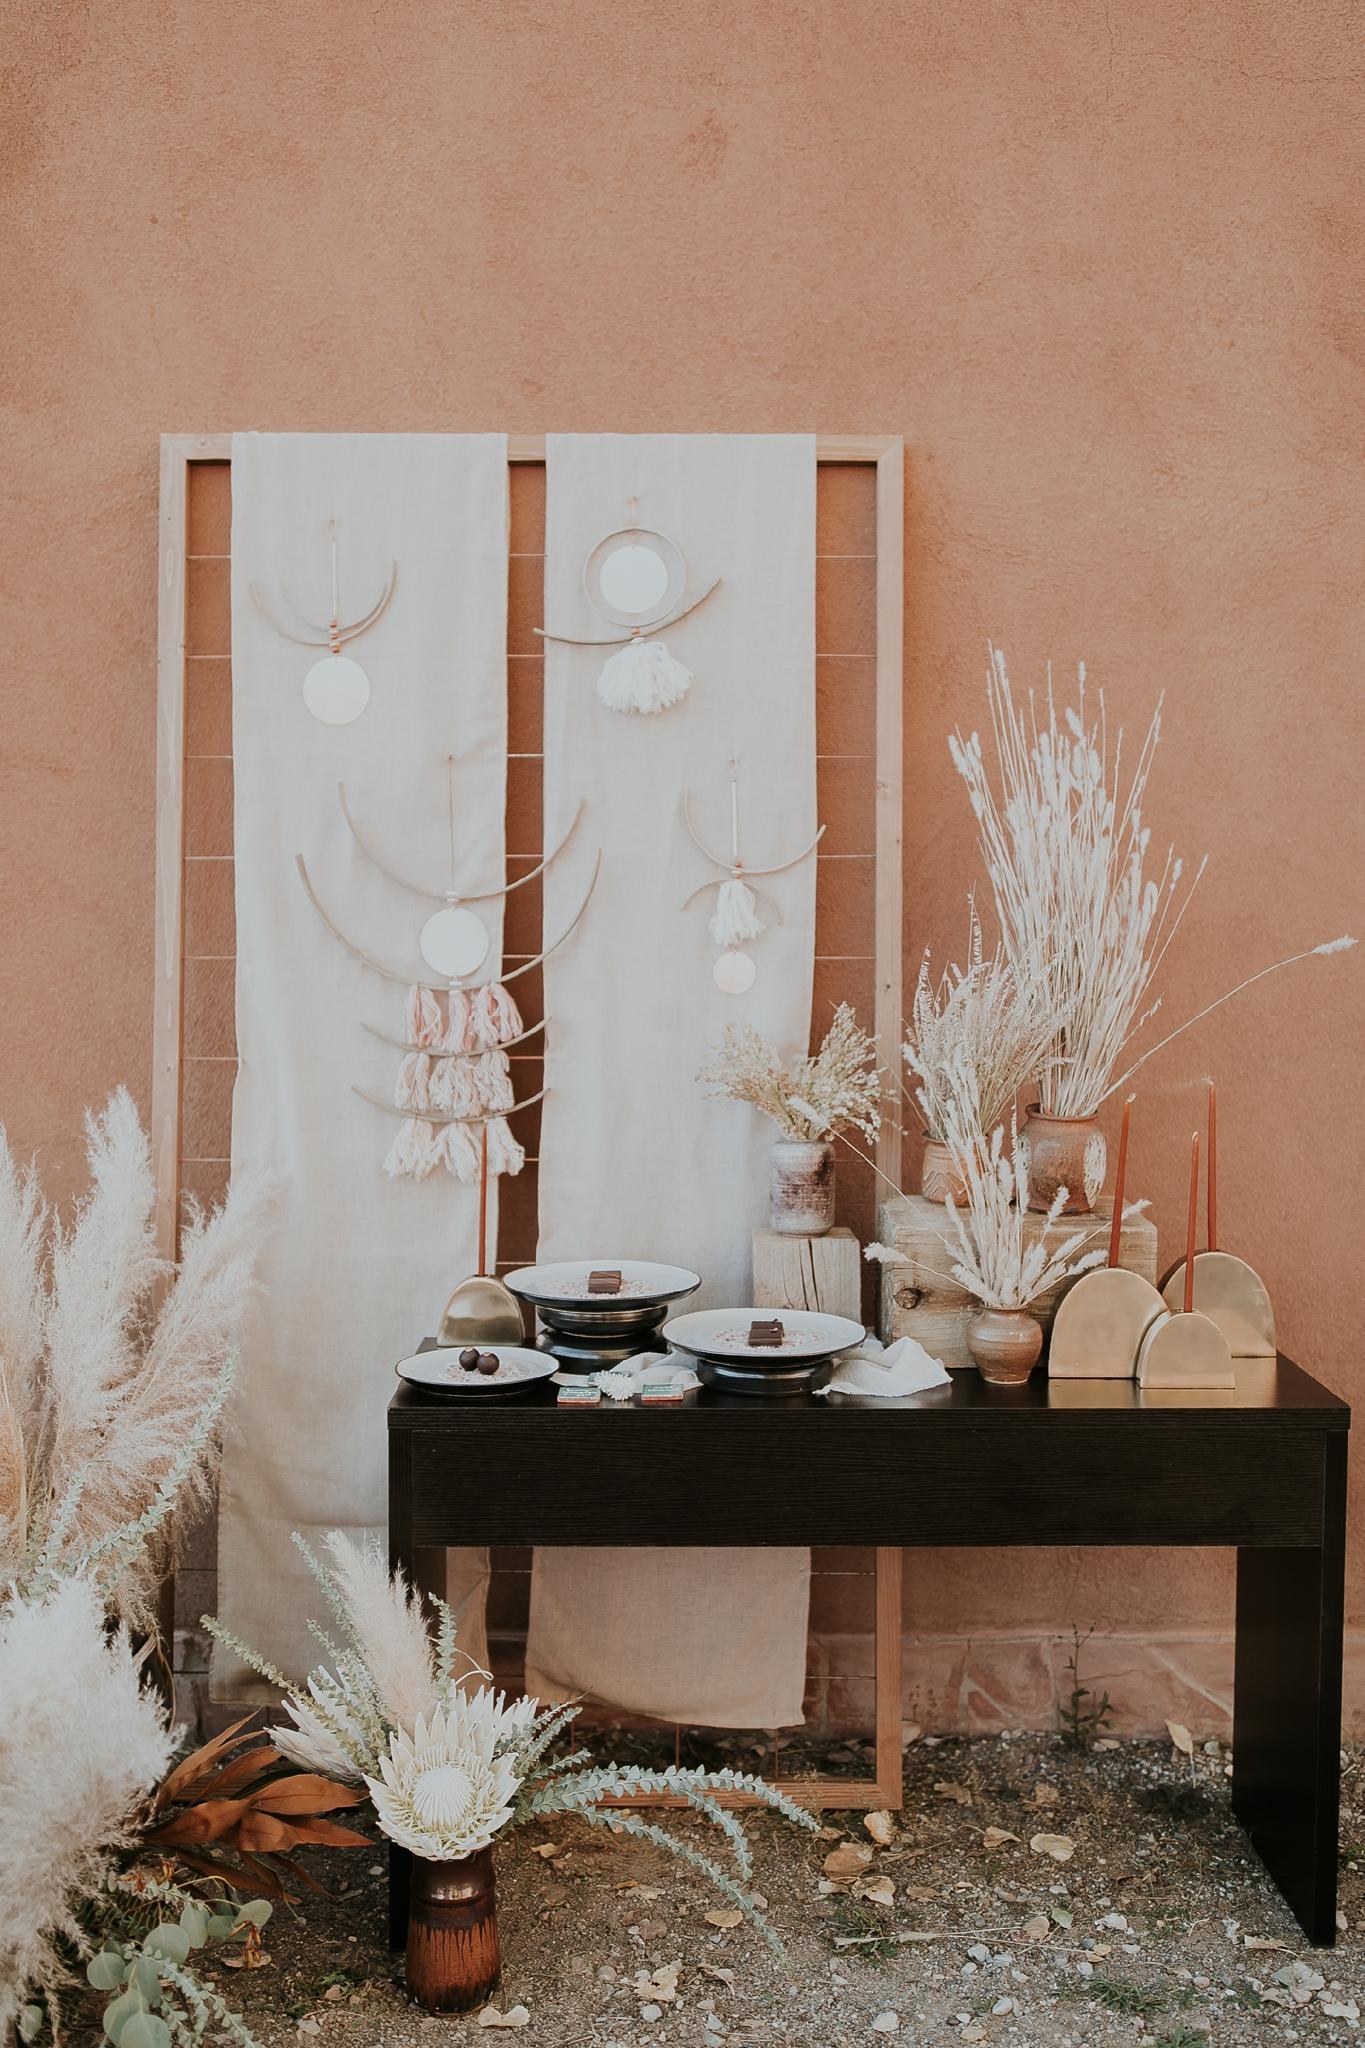 Alicia+lucia+photography+-+albuquerque+wedding+photographer+-+santa+fe+wedding+photography+-+new+mexico+wedding+photographer+-+new+mexico+wedding+-+new+mexico+wedding+-+wedding+florals+-+desert+wedding+-+wedding+trends_0054.jpg